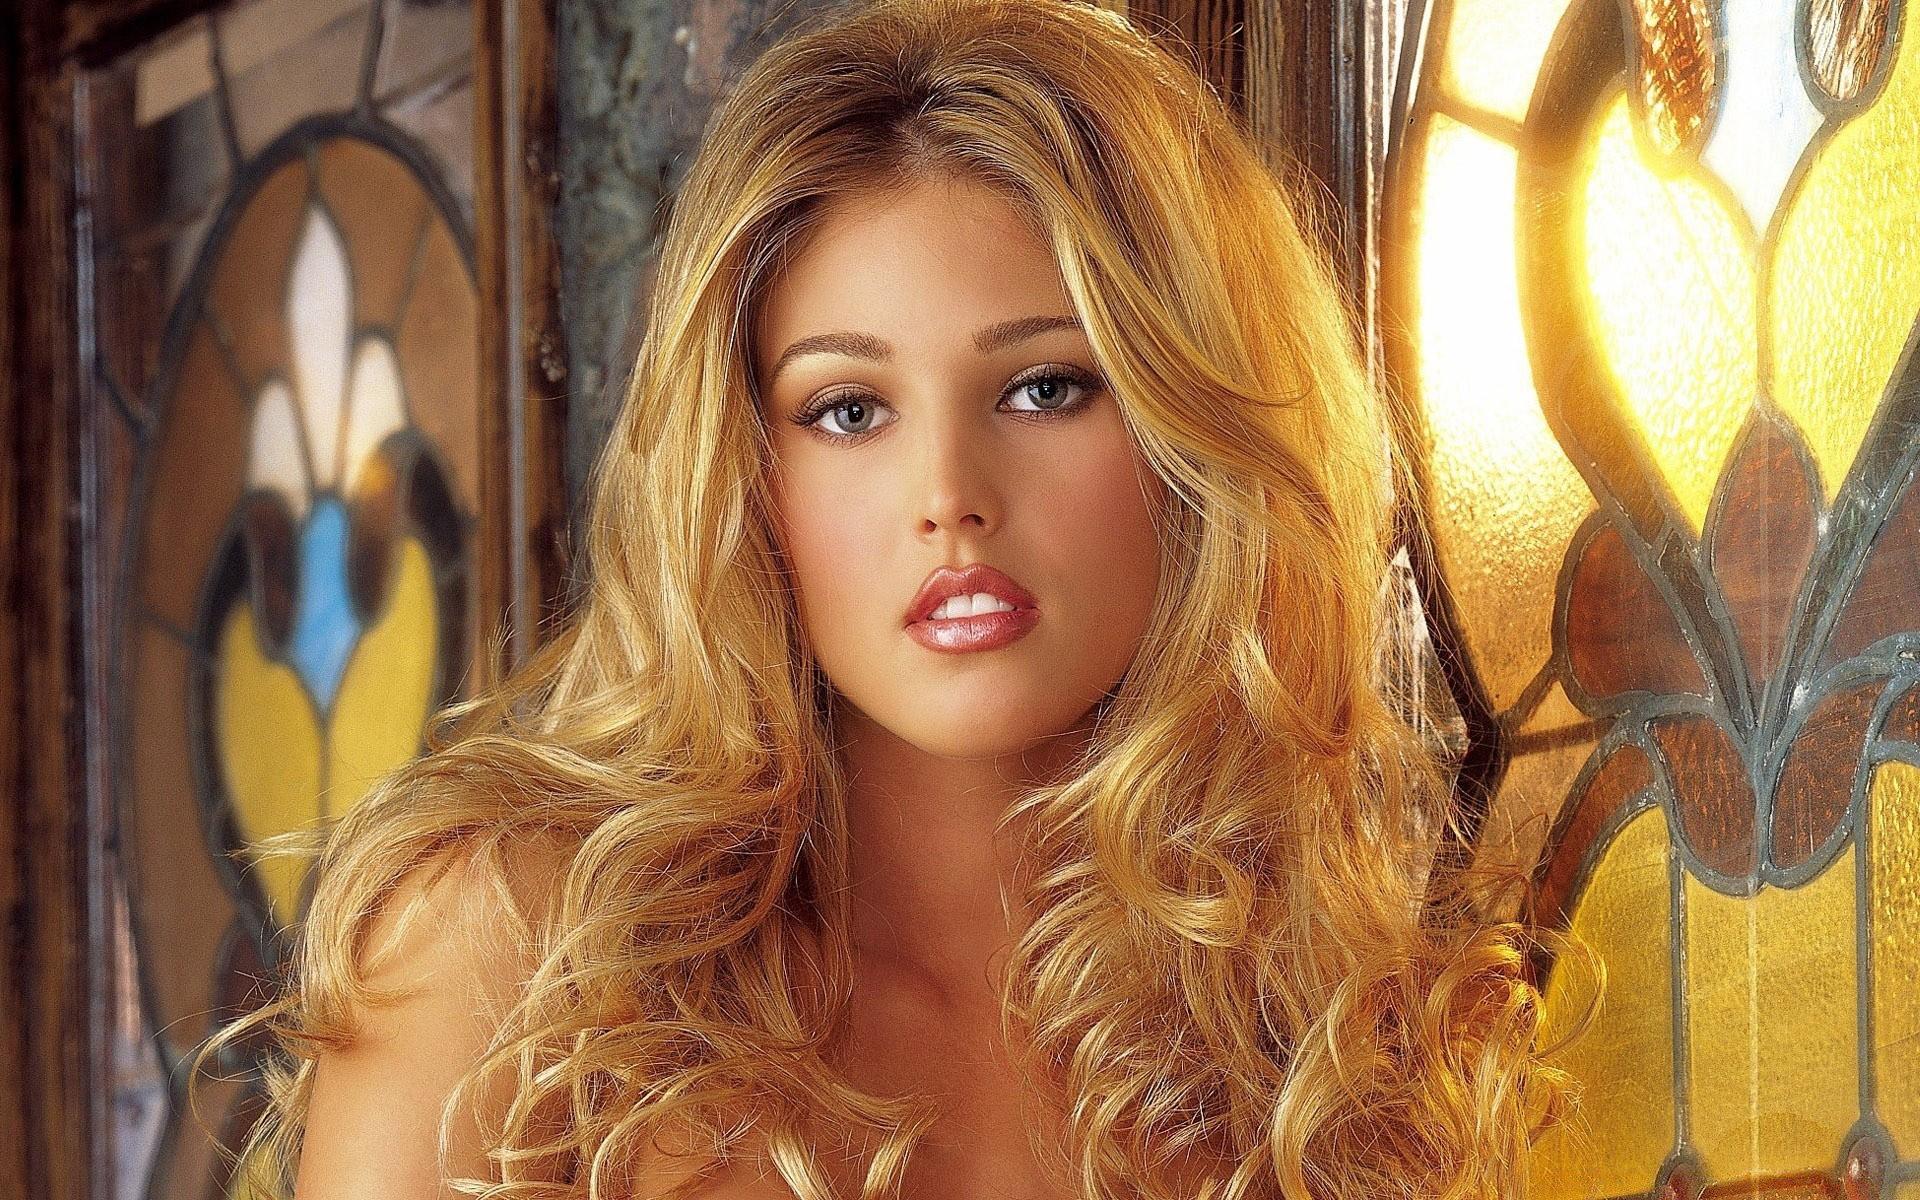 Плейбой самые красивые девушки — img 13